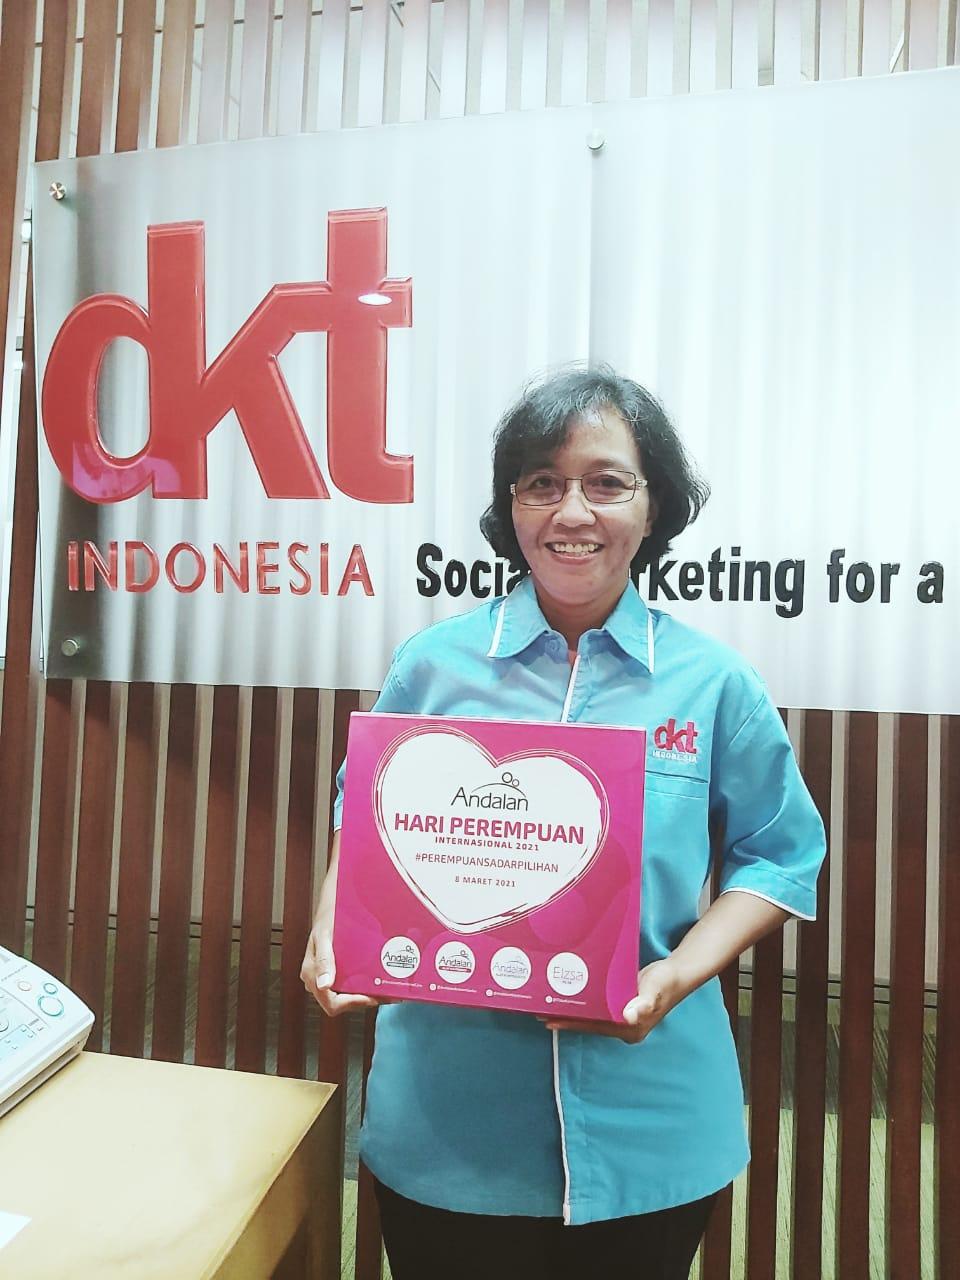 DKT Women Leader: Indah Muljani, DKT Indonesia Program Manager for Family Planning & HIV-AIDS Prevention